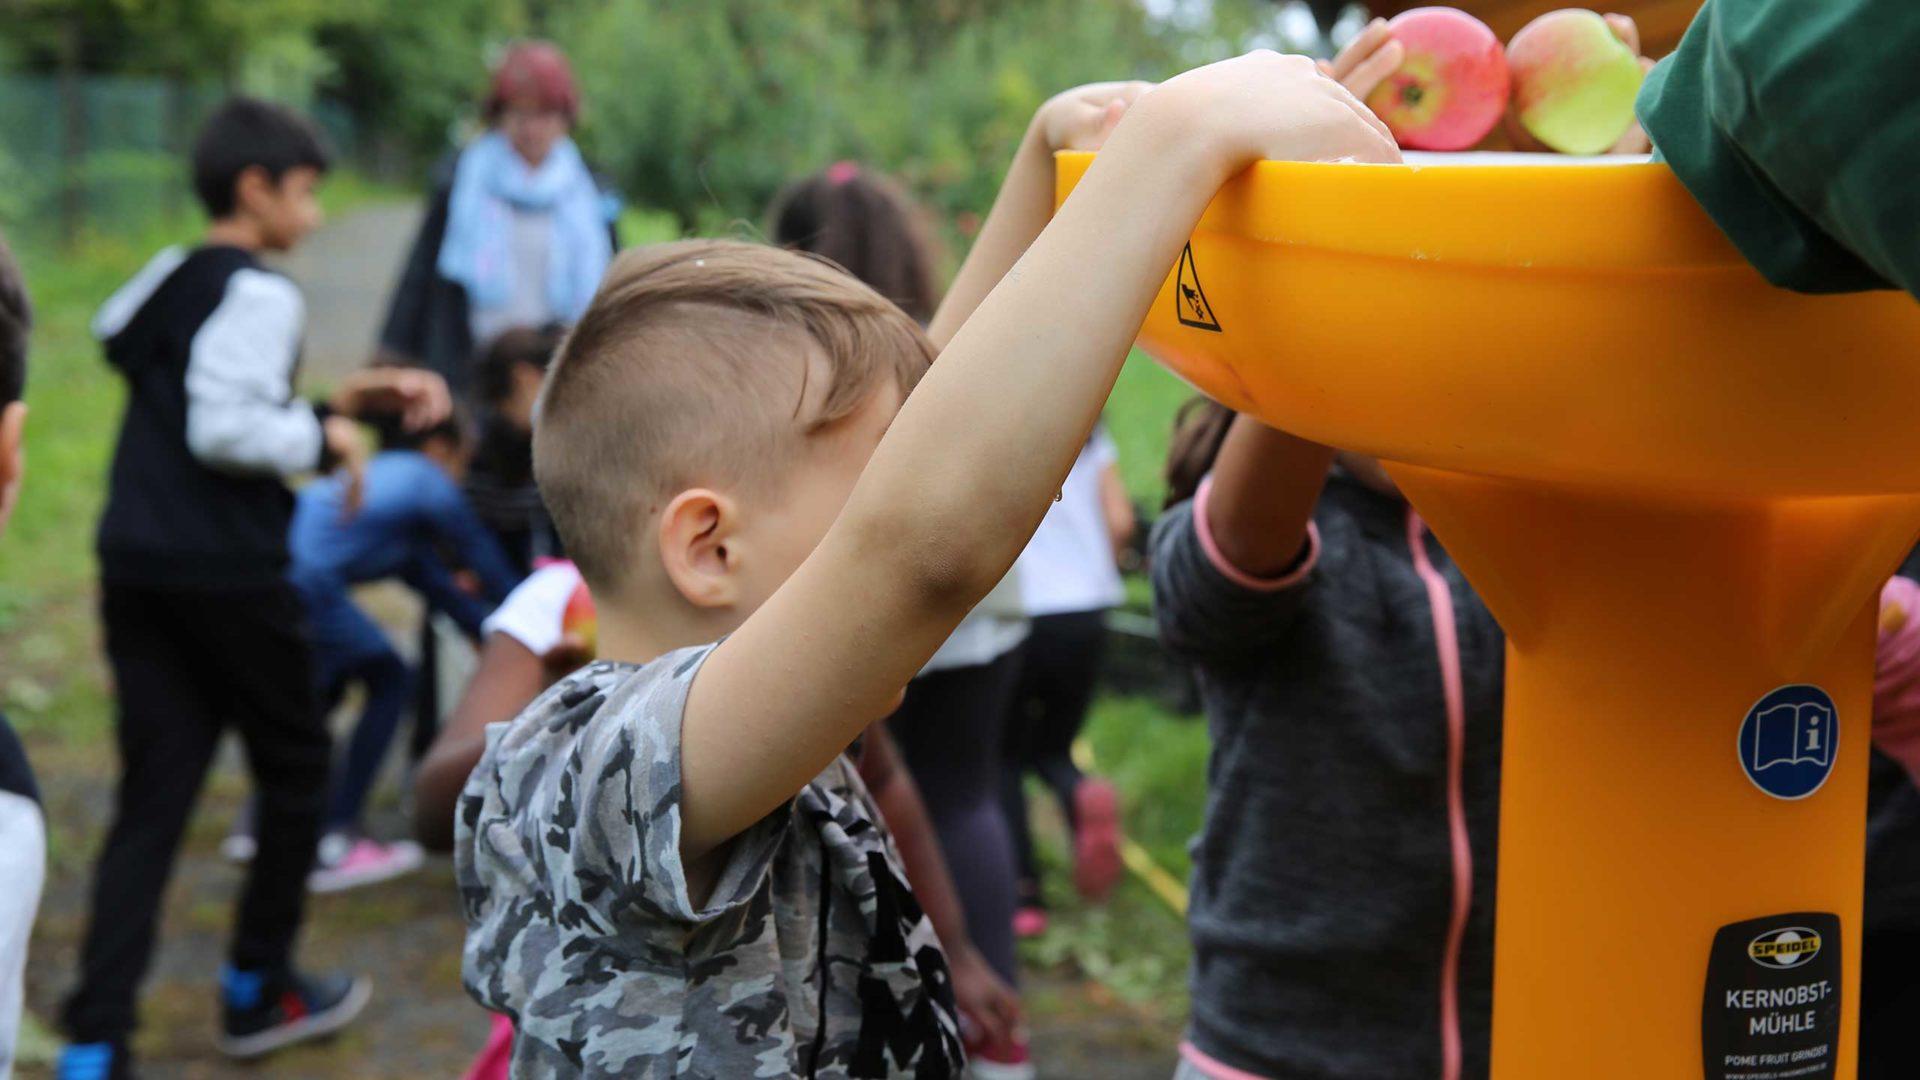 Milk Aktion Mahlzeit auf dem Apfelhof. Oben kommen die Äpfel rein unten kommt der Saft raus.